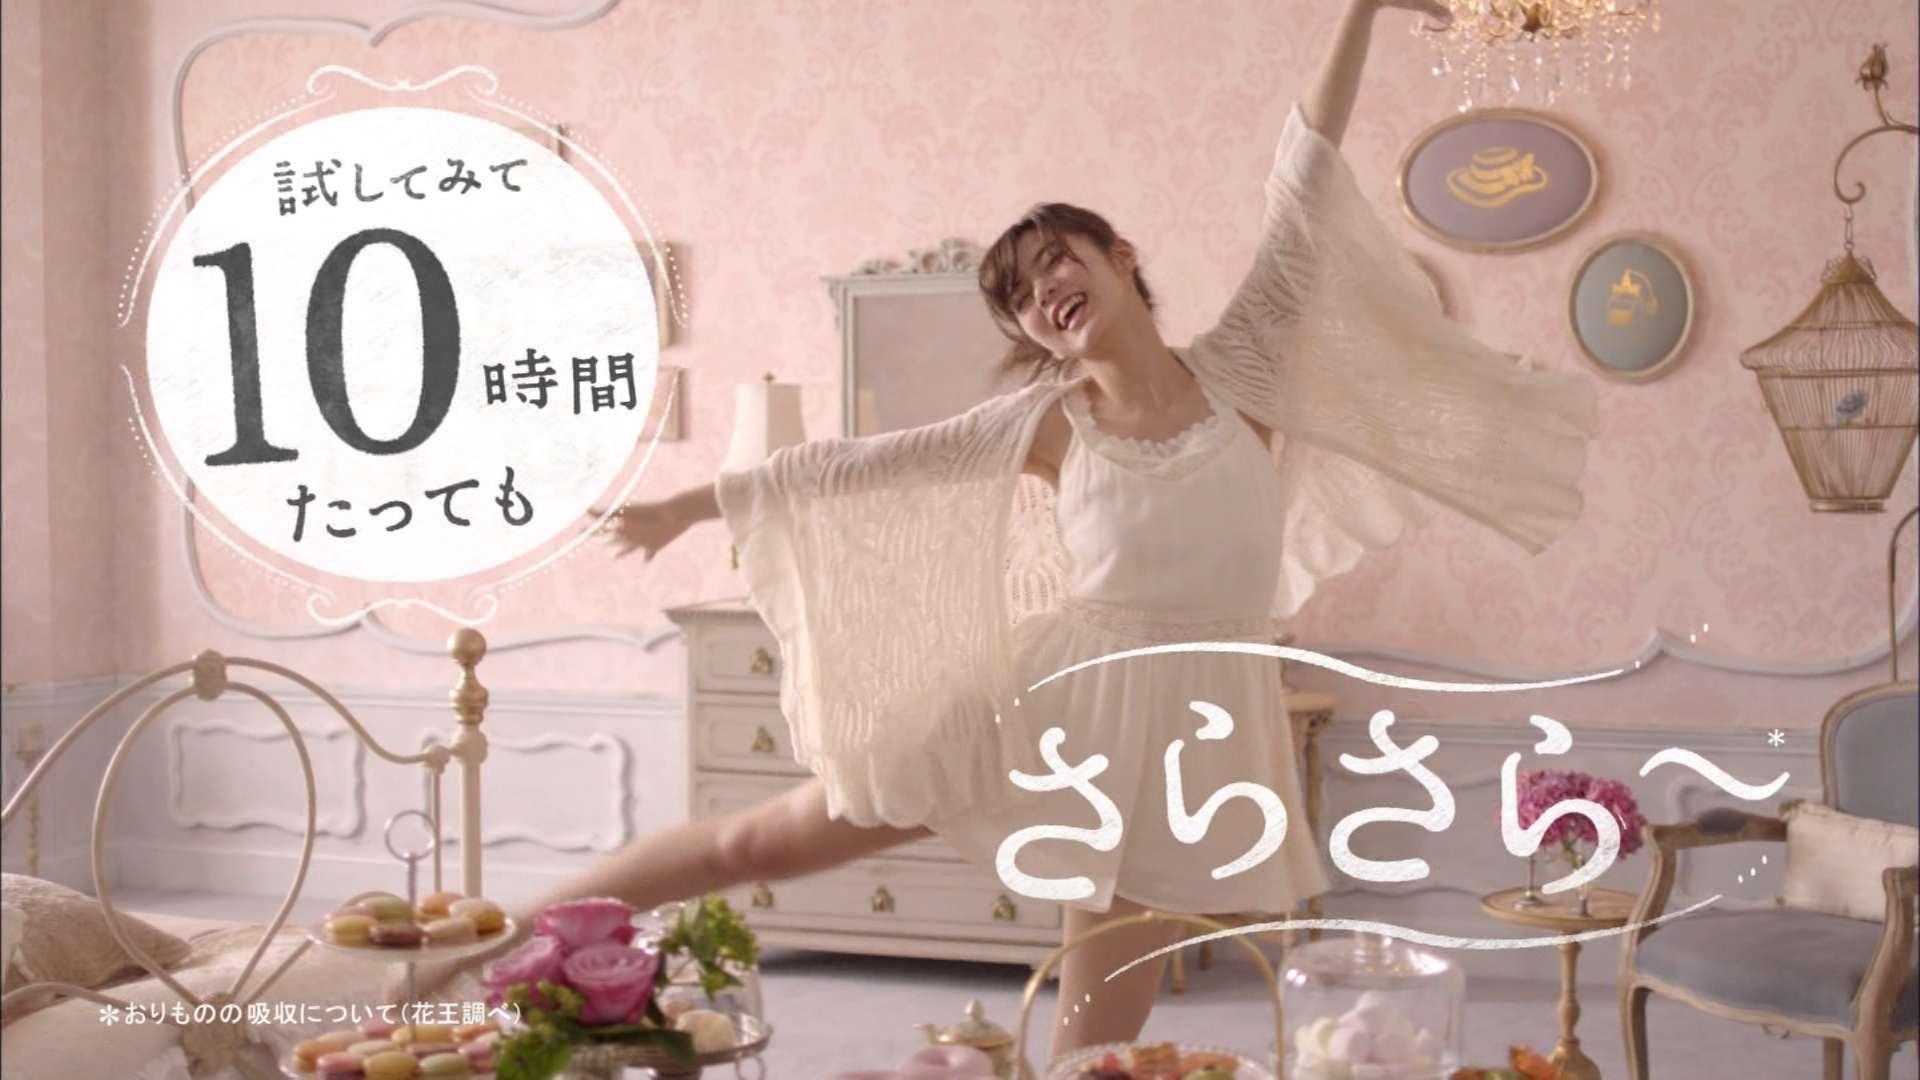 池田エライザ 画像14